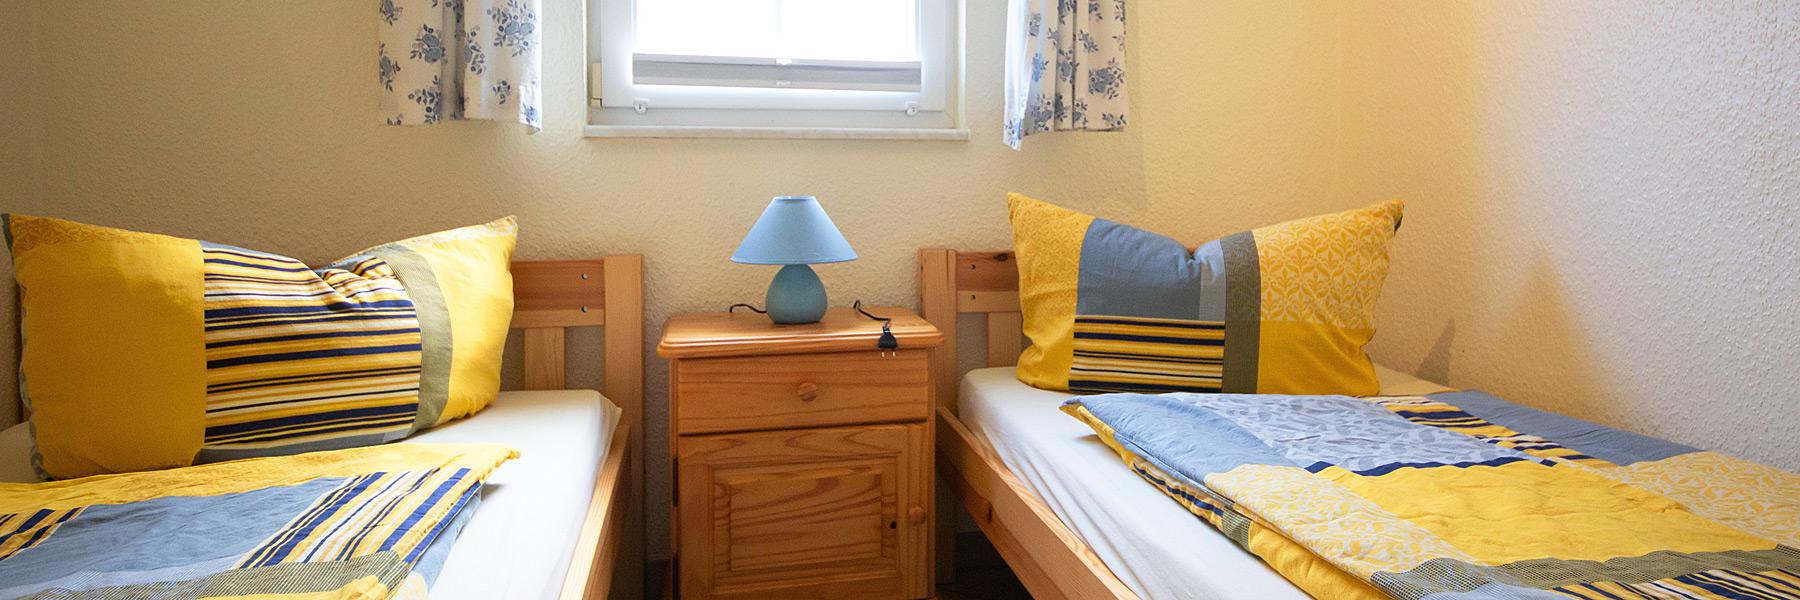 Schlafzimmer - Ferienwohnungen Giese